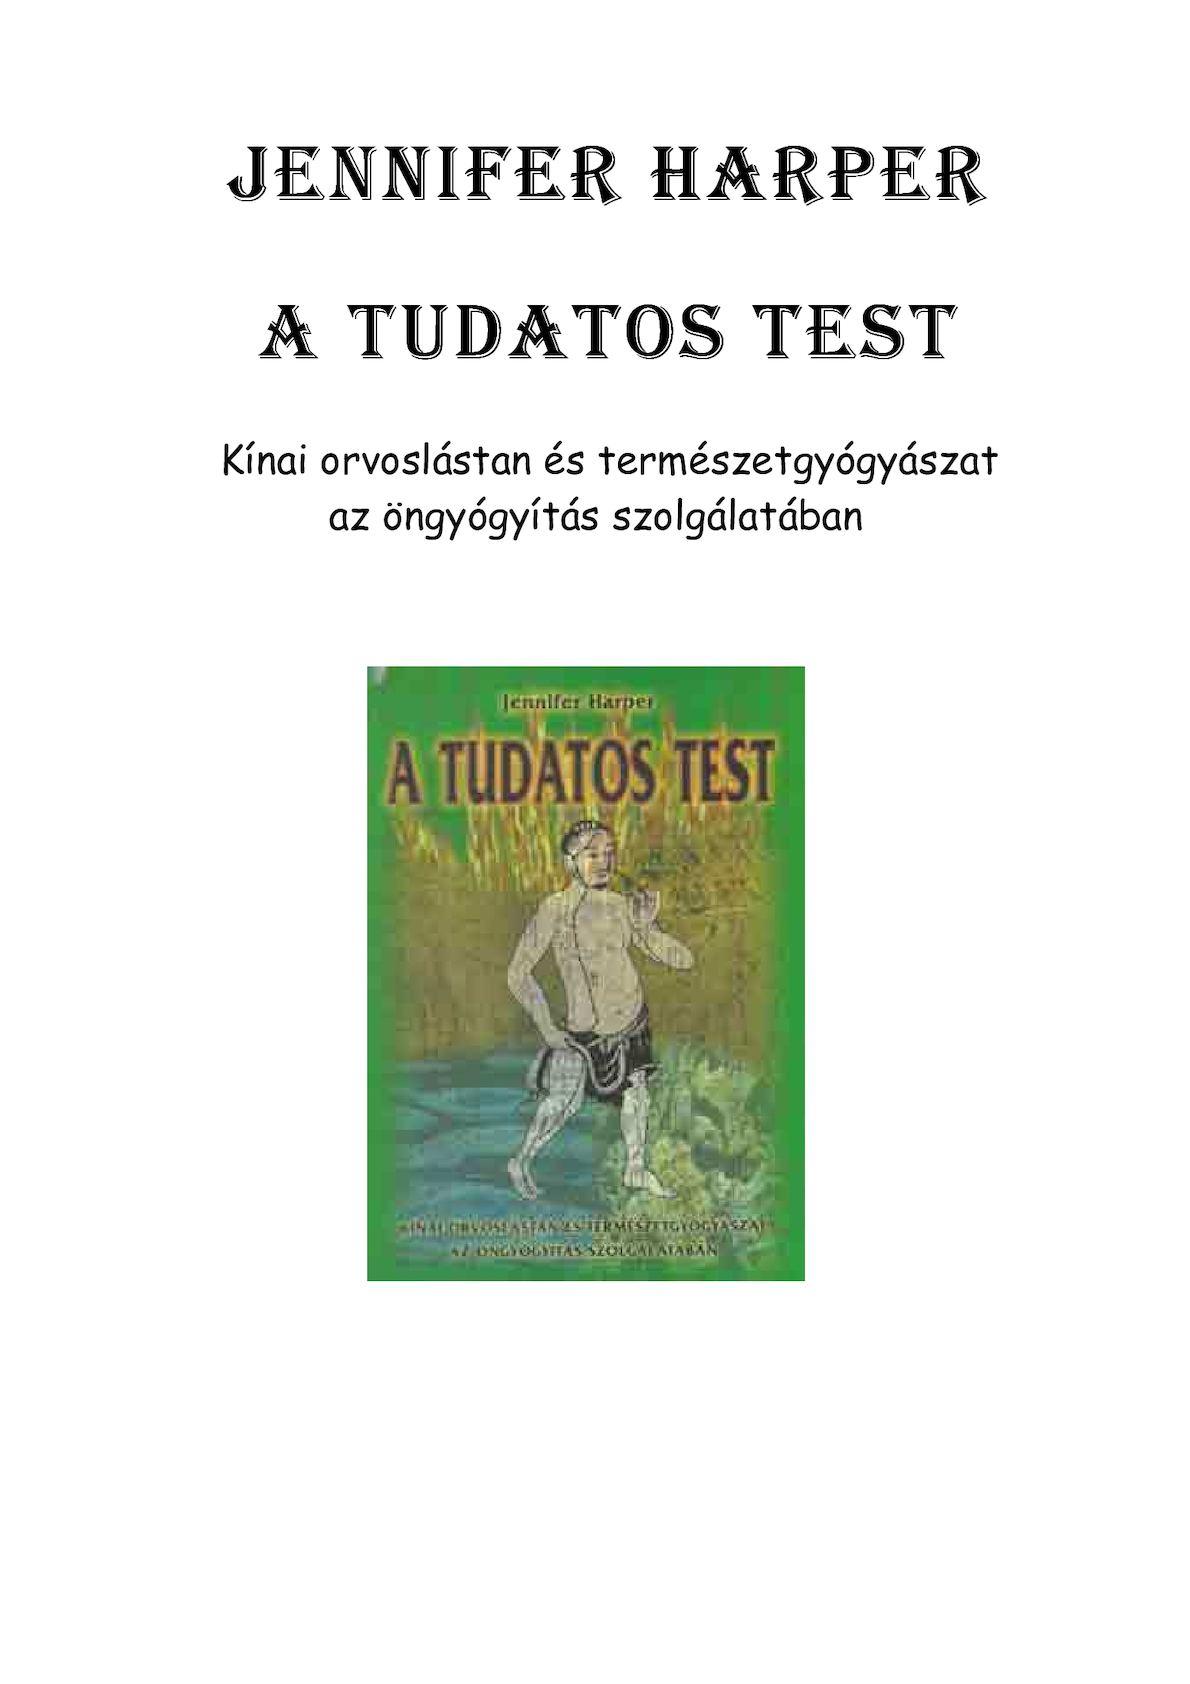 a parazita testének megtisztítására szolgáló eszközök)